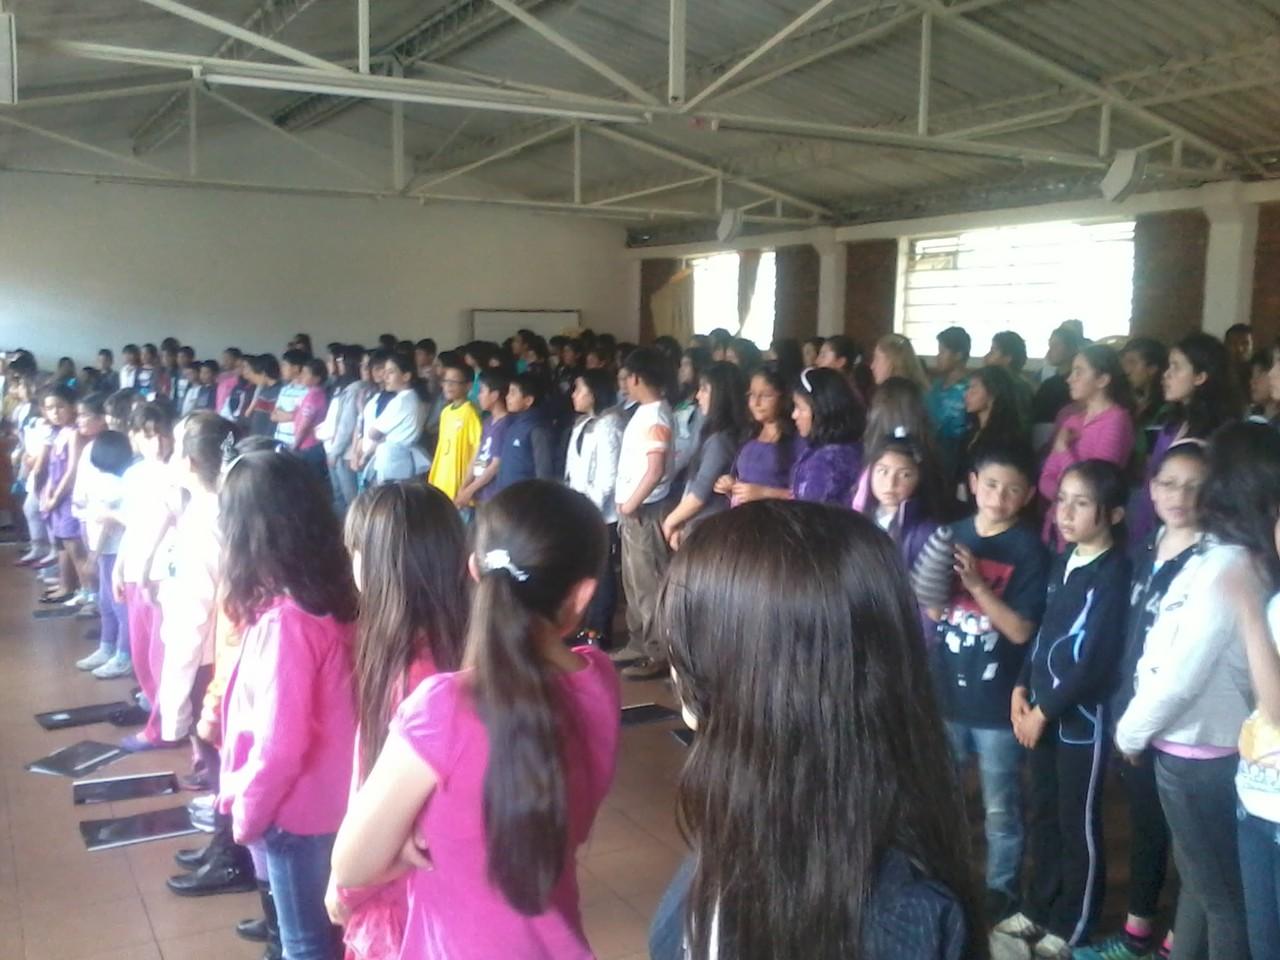 Ensayo general con bandas. 27 de Octubre de 2012 Lugar : Parroquia Catedral San Juan Bautista de La Estrada  Kra 69k Nro 68 - 58